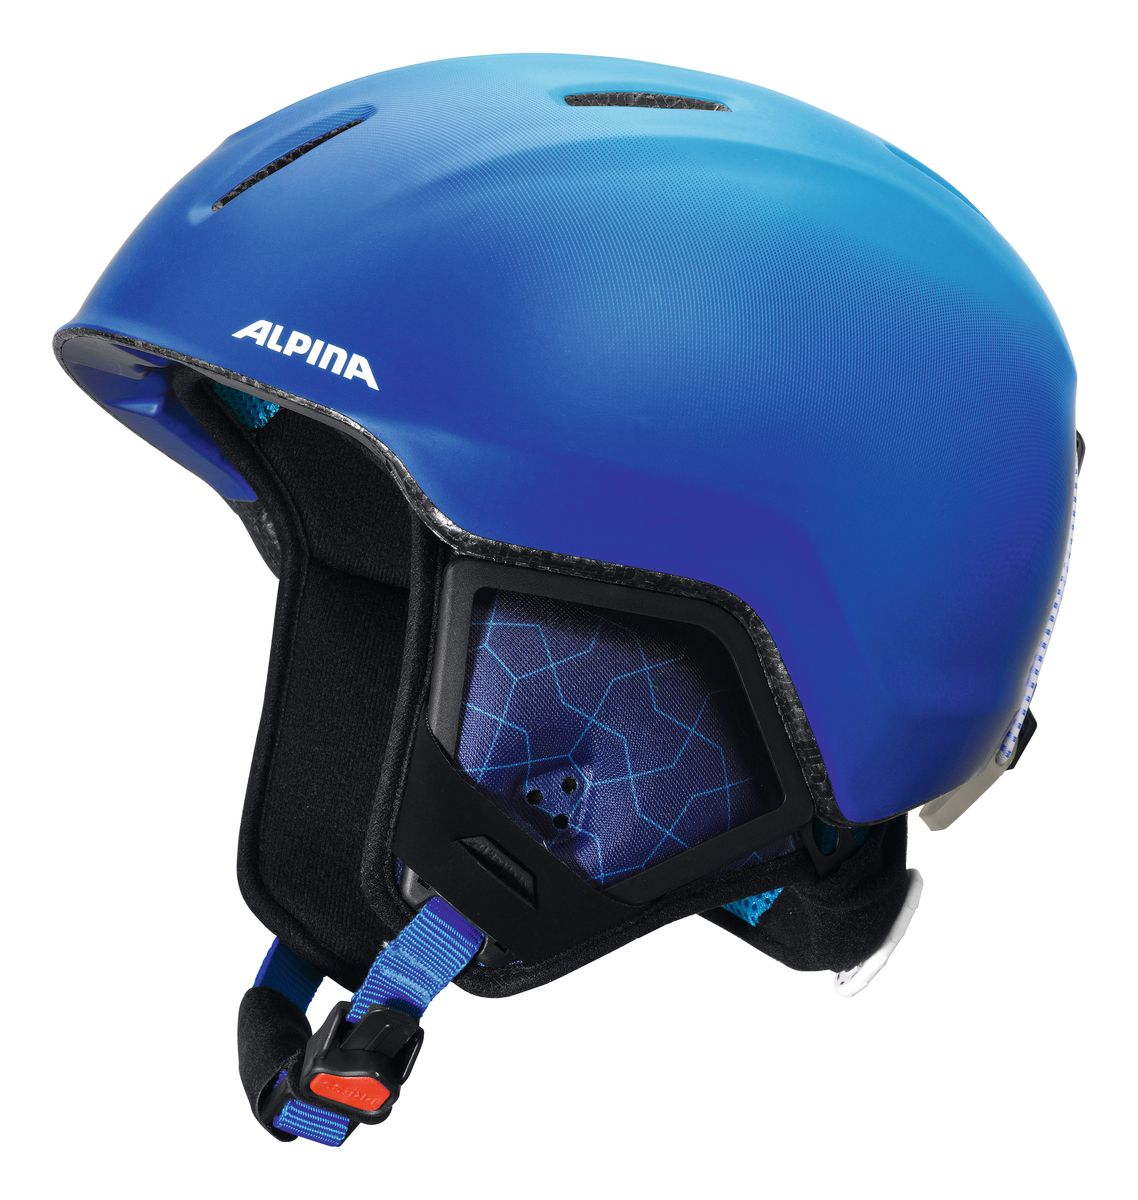 Шлем зимний Alpina Carat Xt, цвет: синий. Размер 48-529080_81Особенности зимнего шлема Alpina Carat Xt: Вентиляционные отверстия препятствуют перегреву и позволяют поддерживать идеальную температуру внутри шлема. Для этого инженеры Alpina используют эффект Вентури, чтобы сделать циркуляцию воздуха постоянной и максимально эффективной.Внутренник шлема легко вынимается, стирается, сушится и вставляется обратно.Из задней части шлема можно достать шейный утеплитель из мякого микро-флиса. Этот теплый воротник также защищает шею от ударов на высокой скорости и при сибирских морозах. В удобной конструкции отсутствуют точки давления на шею.Прочная и лёгкая конструкция In-mold Inmould - технология, при которой внутренняя оболочка из EPS (вспененного полистирола) покрыта поликарбонатом. Внешняя тонкая жесткая оболочка призвана распределить энергию от удара по всей площади шлема, защитить внутреннюю часть от проникновения острых осколков и сохранить ее форму. Внутренняя толстая мягкая оболочка демпфирует ударную энергию, предохраняя головной мозг от ударов. Такой шлем наиболее легкий и подходит большинству горнолыжников, не бросающих вызов судьбе в поисках адреналина. Тонкая и прочная поликарбонатная оболочка под воздействием высокой температуры и давления буквально сплавляется с гранулами EPS. Вспенивающийся полистирол (ПСВ) являлся изоляционным полимерным материалом. Каждая гранула состоит из равномерно распределенных микроскопических плотных клеток заполненных воздухом. Пенополистирол на 98% состоит из воздуха и только на 2% из полистирола. Такая структура и придает замечательные свойства материалу, получившему заслуженное признание во всем мире. Прочность пенополистирола позволяет применять его в качестве конструктивного элемента, способного нести значительные нагрузки в течение длительного времени. Пенополистирол не гигроскопичен, он обладает хорошими механическими и изоляционными свойствами и значительной конструкционной гибкостью, которые гасят ударную нагрузку.Внутренн